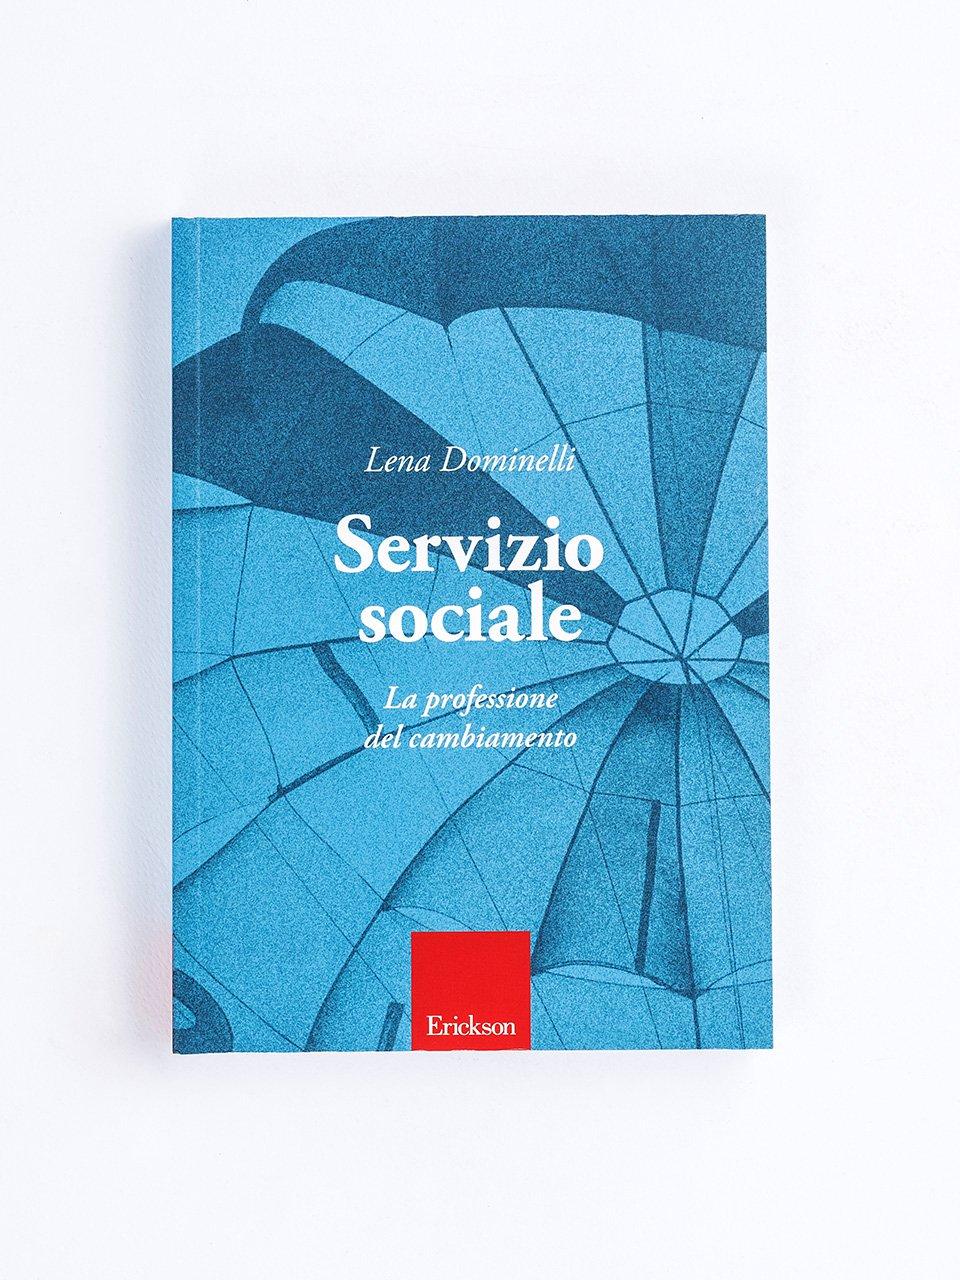 Servizio sociale - Counseling - Riviste - Erickson